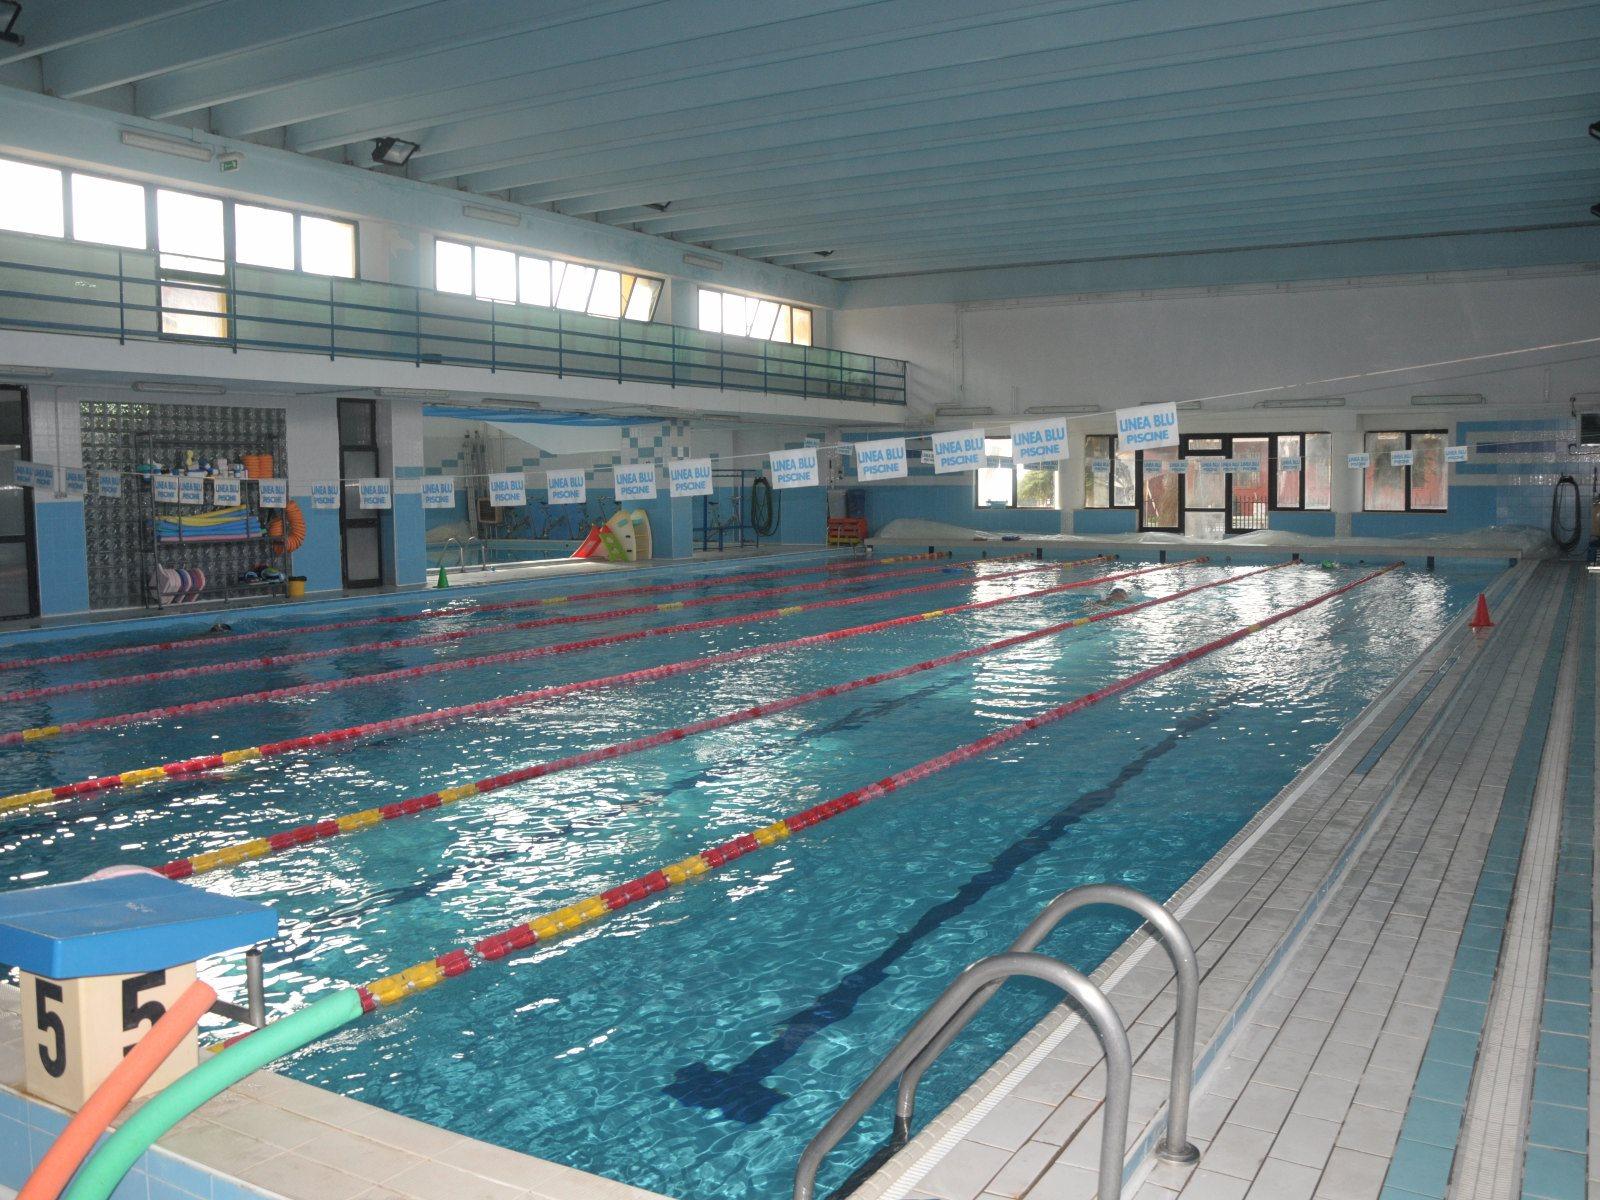 Ercolano piscina tariffe agevolate qui i prezzi e chi - Piscina torre del greco ...